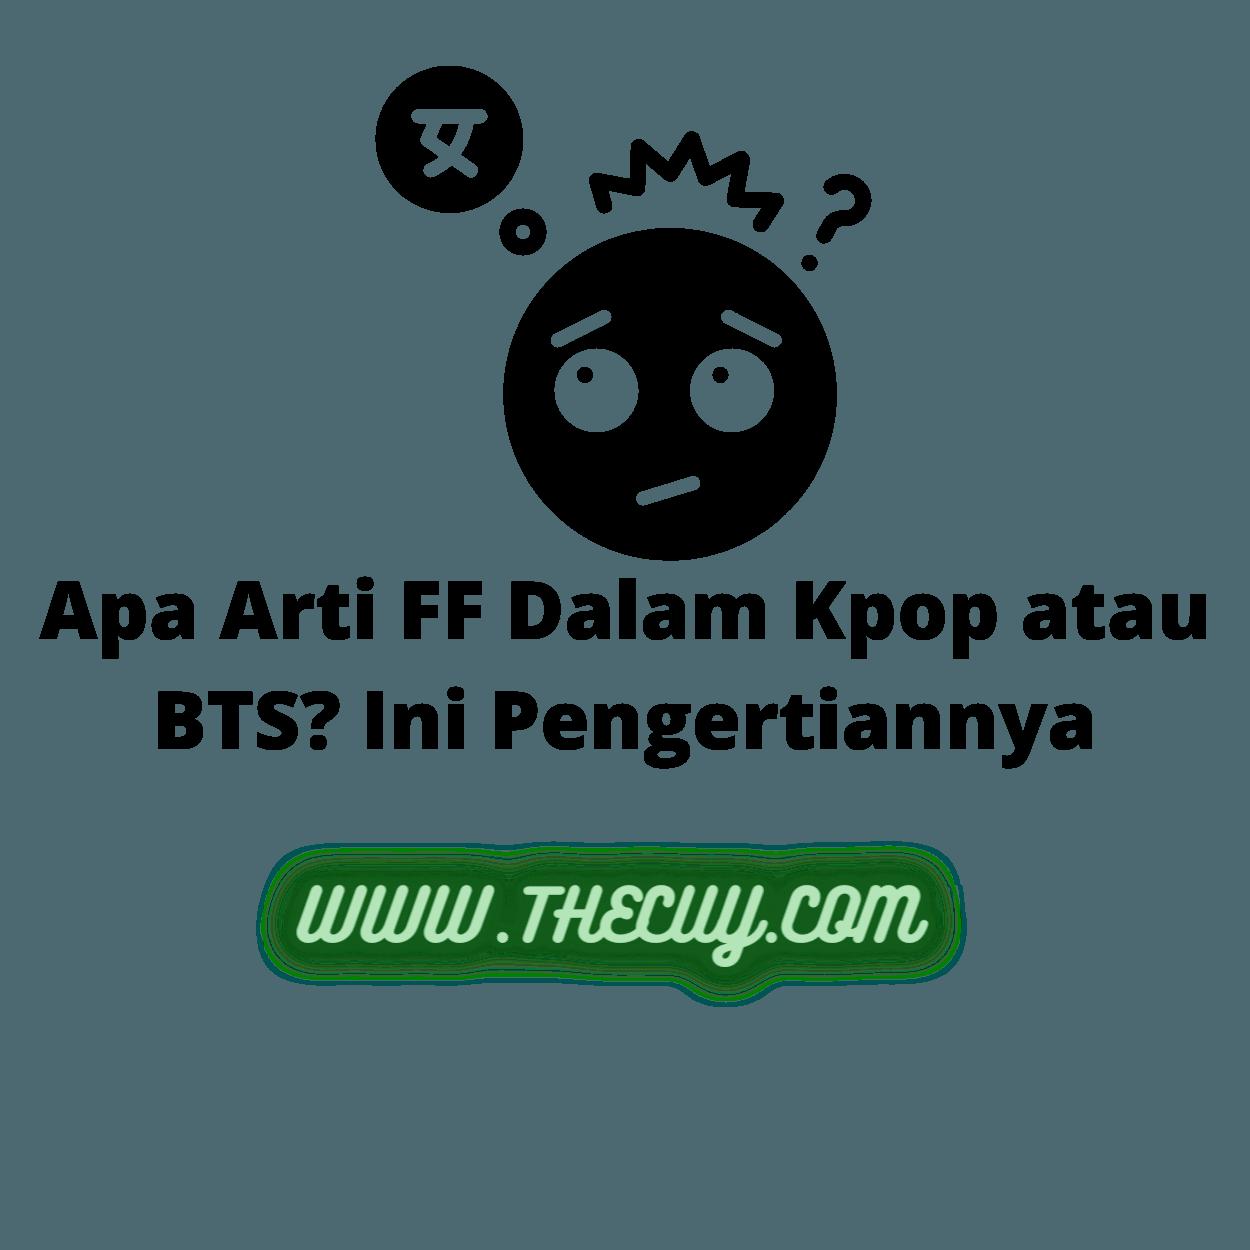 Apa Arti FF Dalam Kpop atau BTS? Ini Pengertiannya